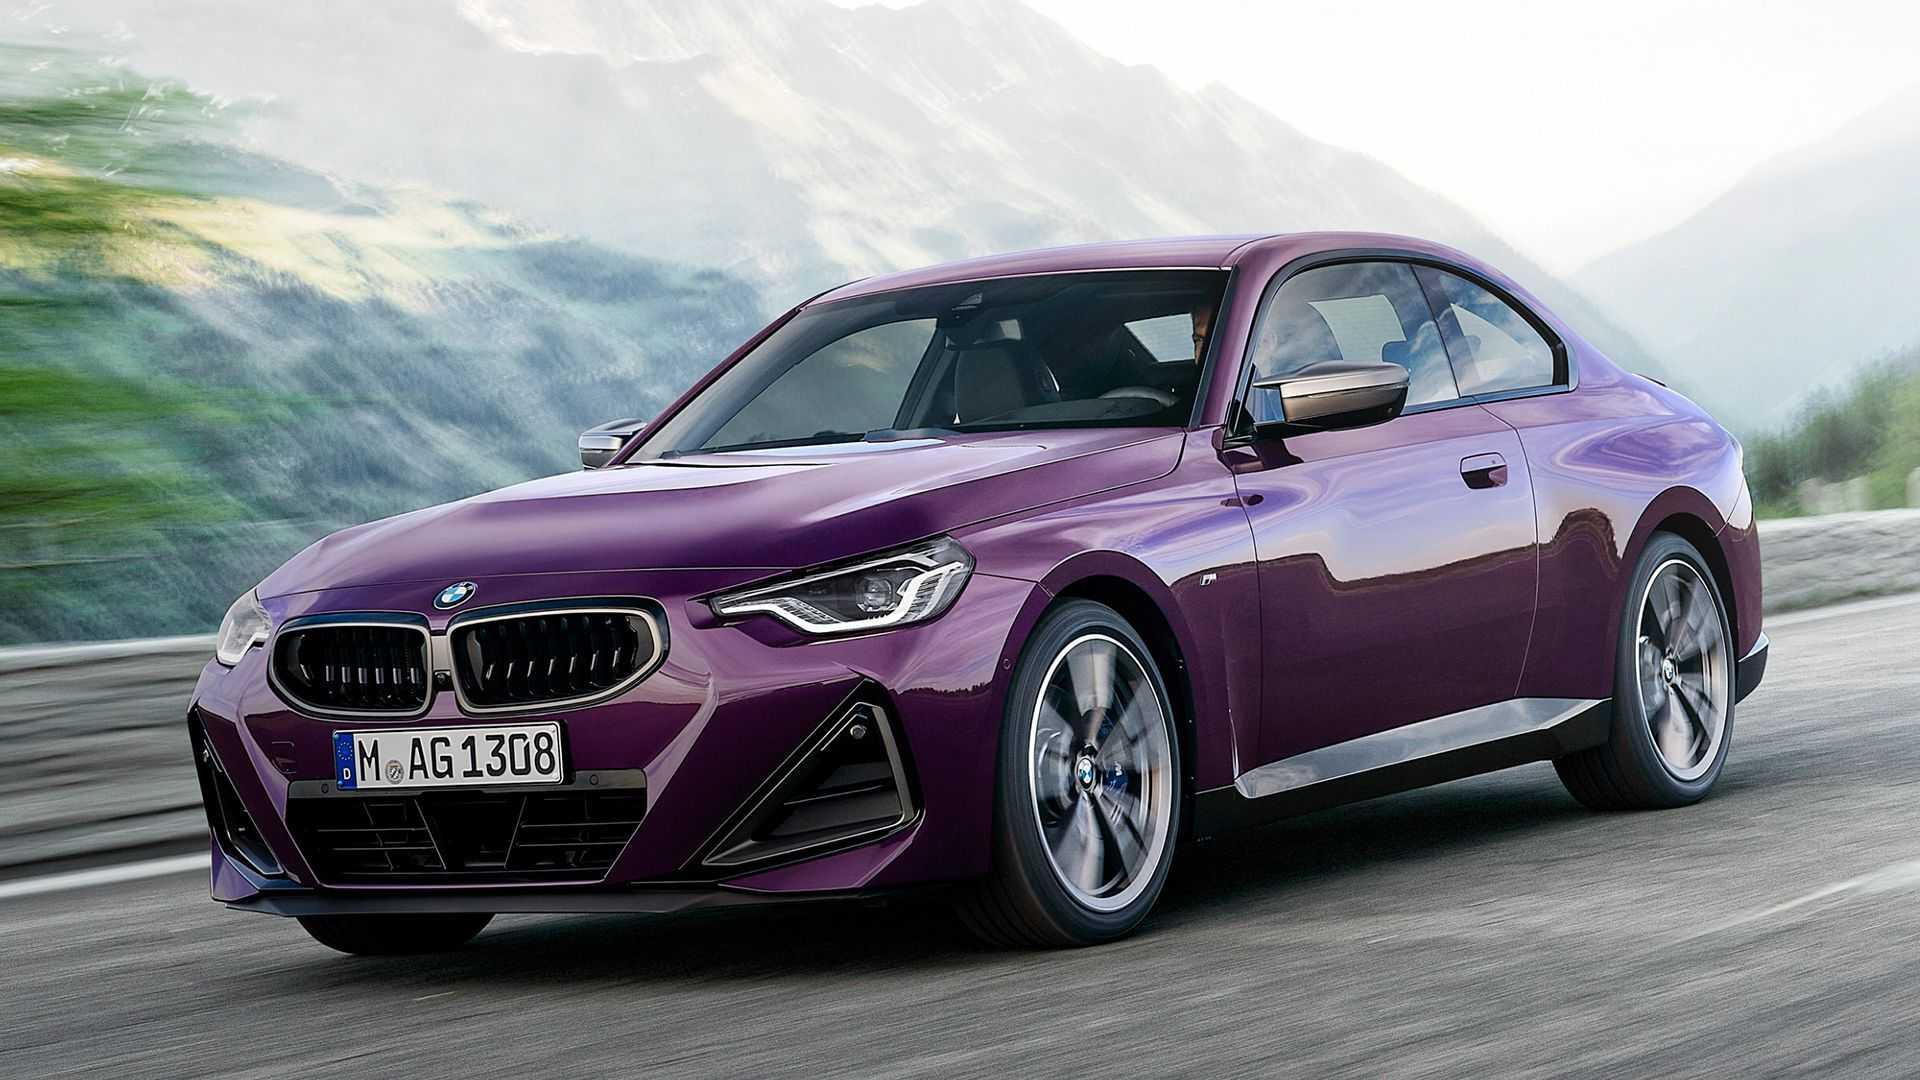 Двухдверный BMW 2-й серии впервые сменил поколение, и производитель называет его идейным наследником самого первого BMW 02, который дебютировал больше полувека назад.